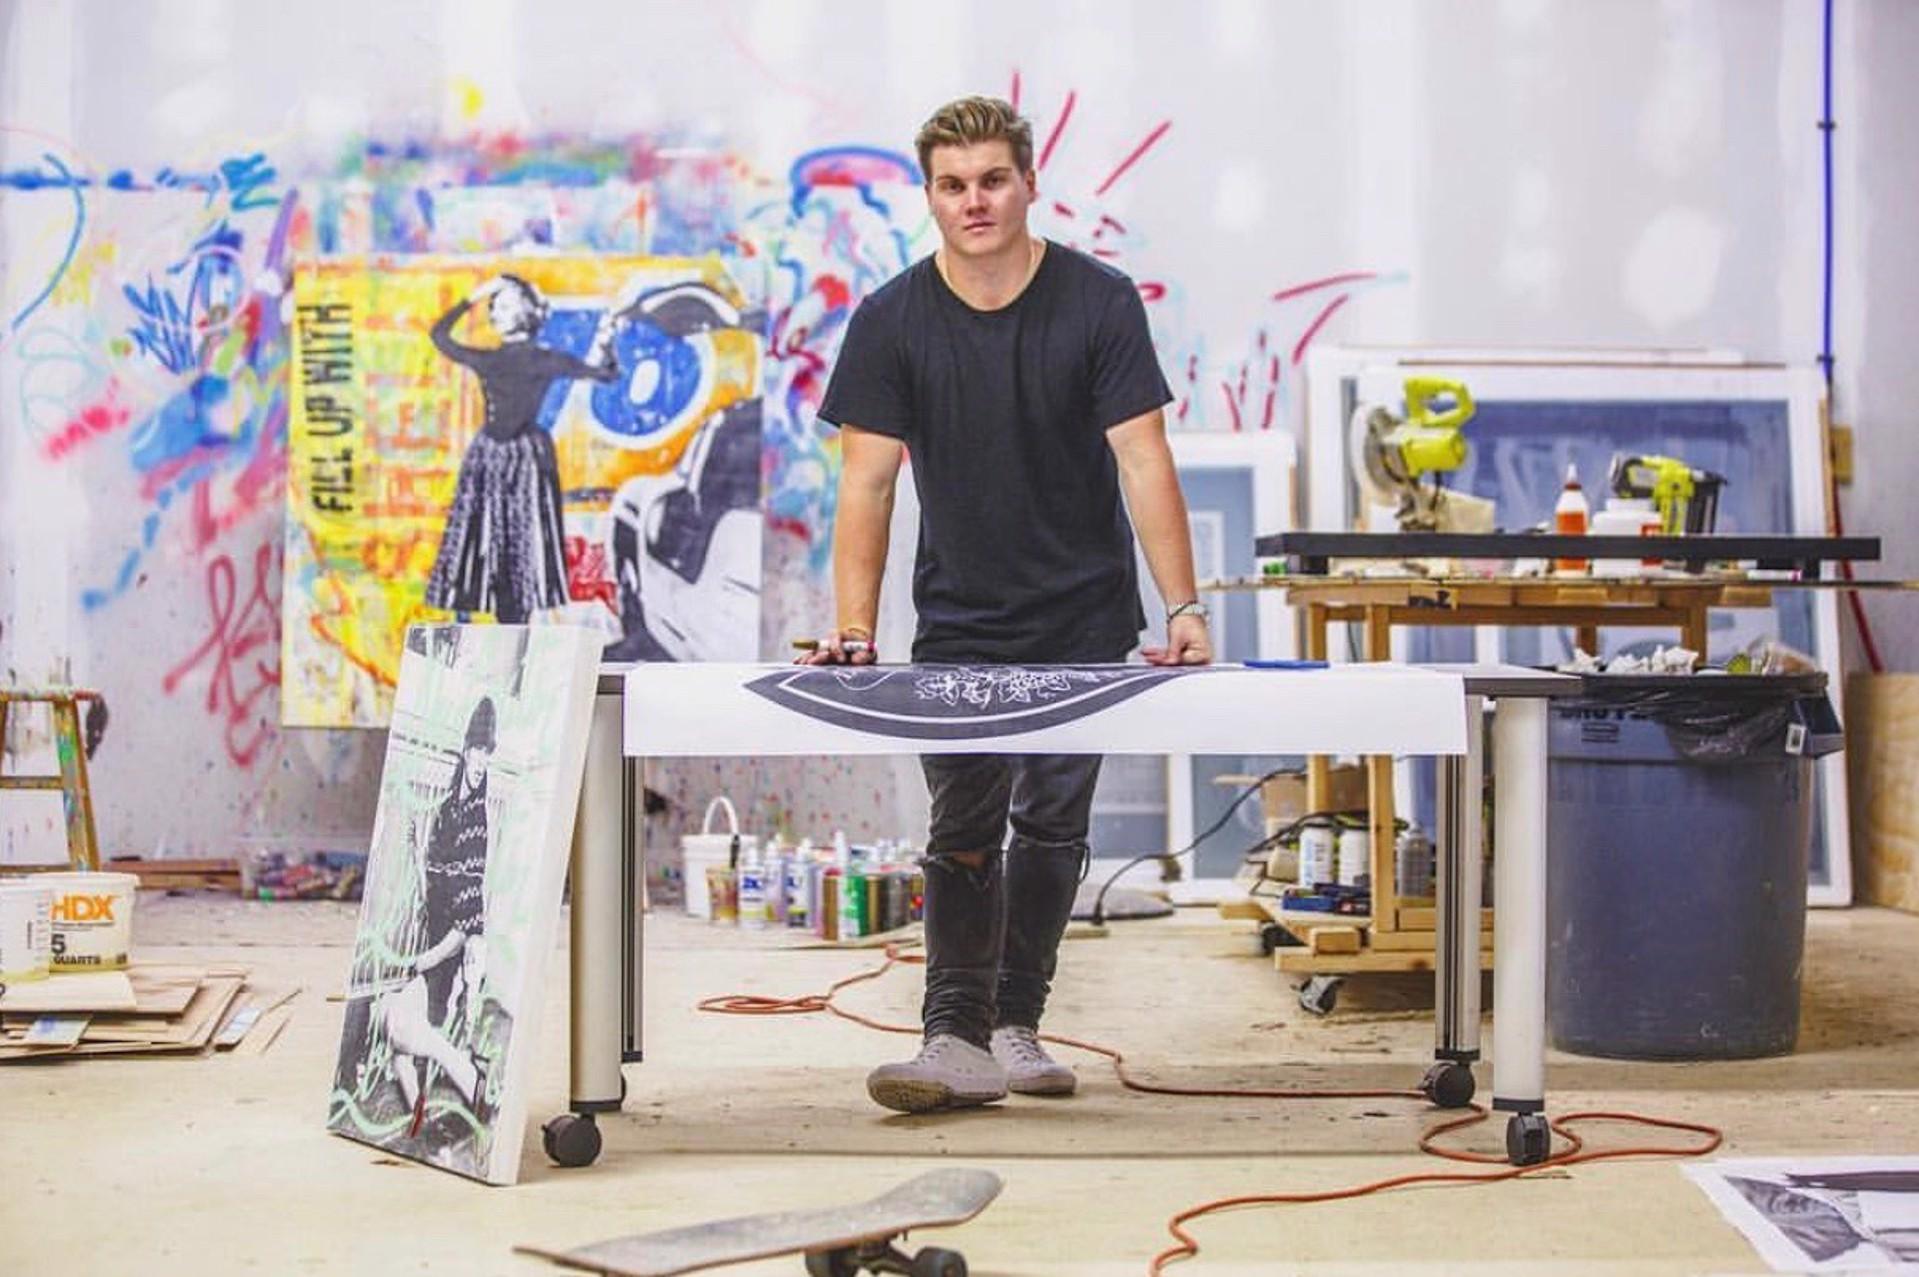 Artist At Work by Seek One